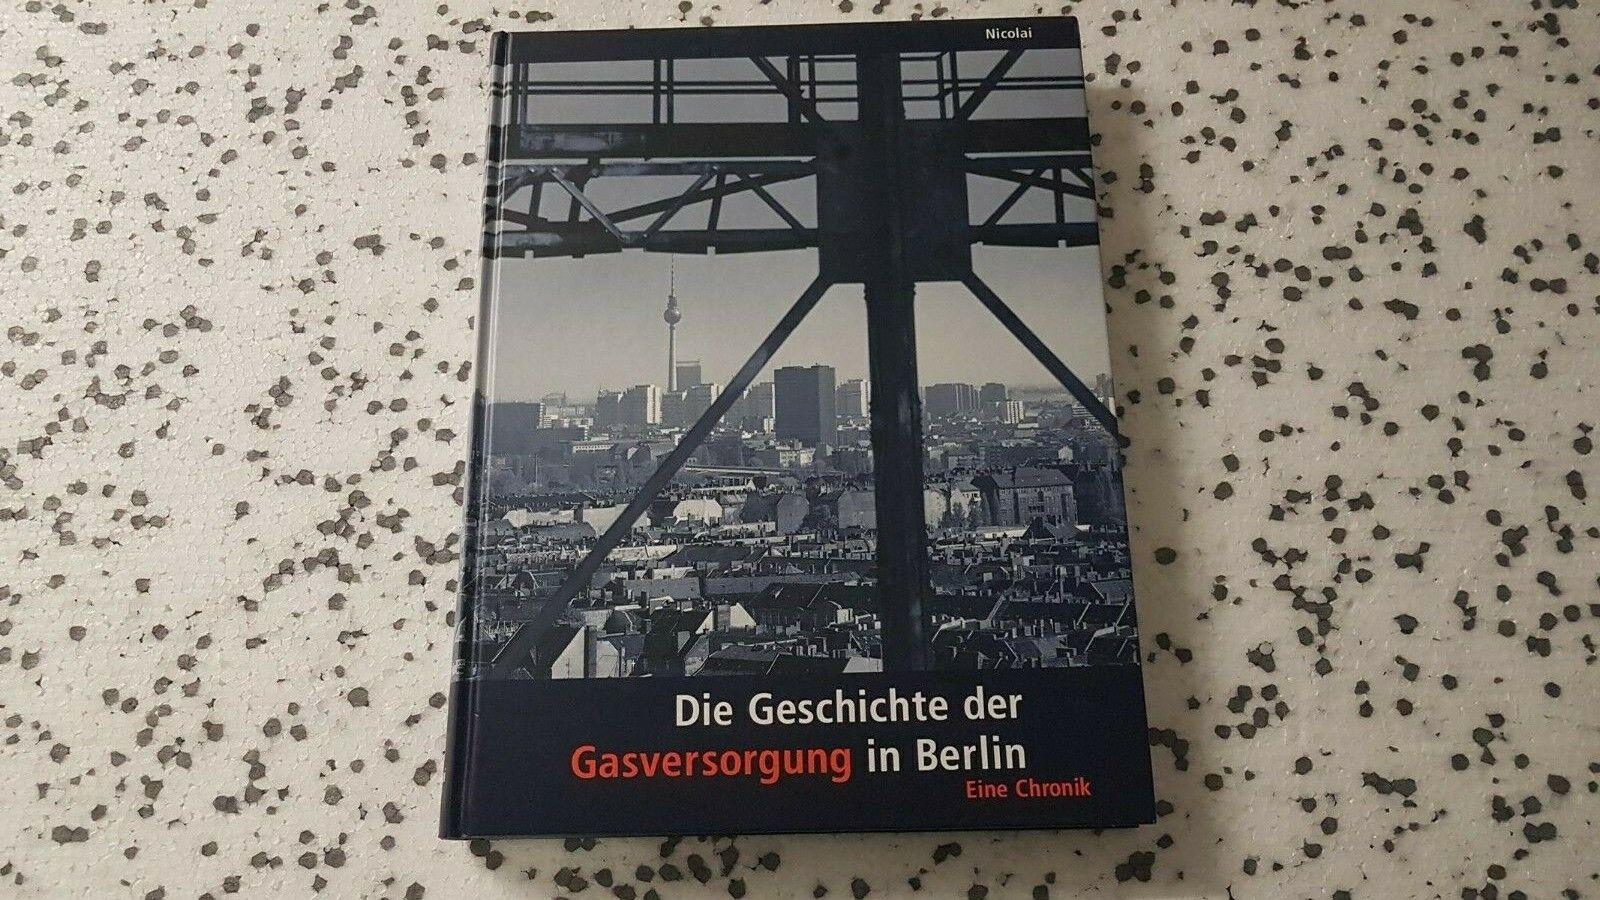 DIE GESCHICHTE DER GASVERSORGUNG IN BERLIN